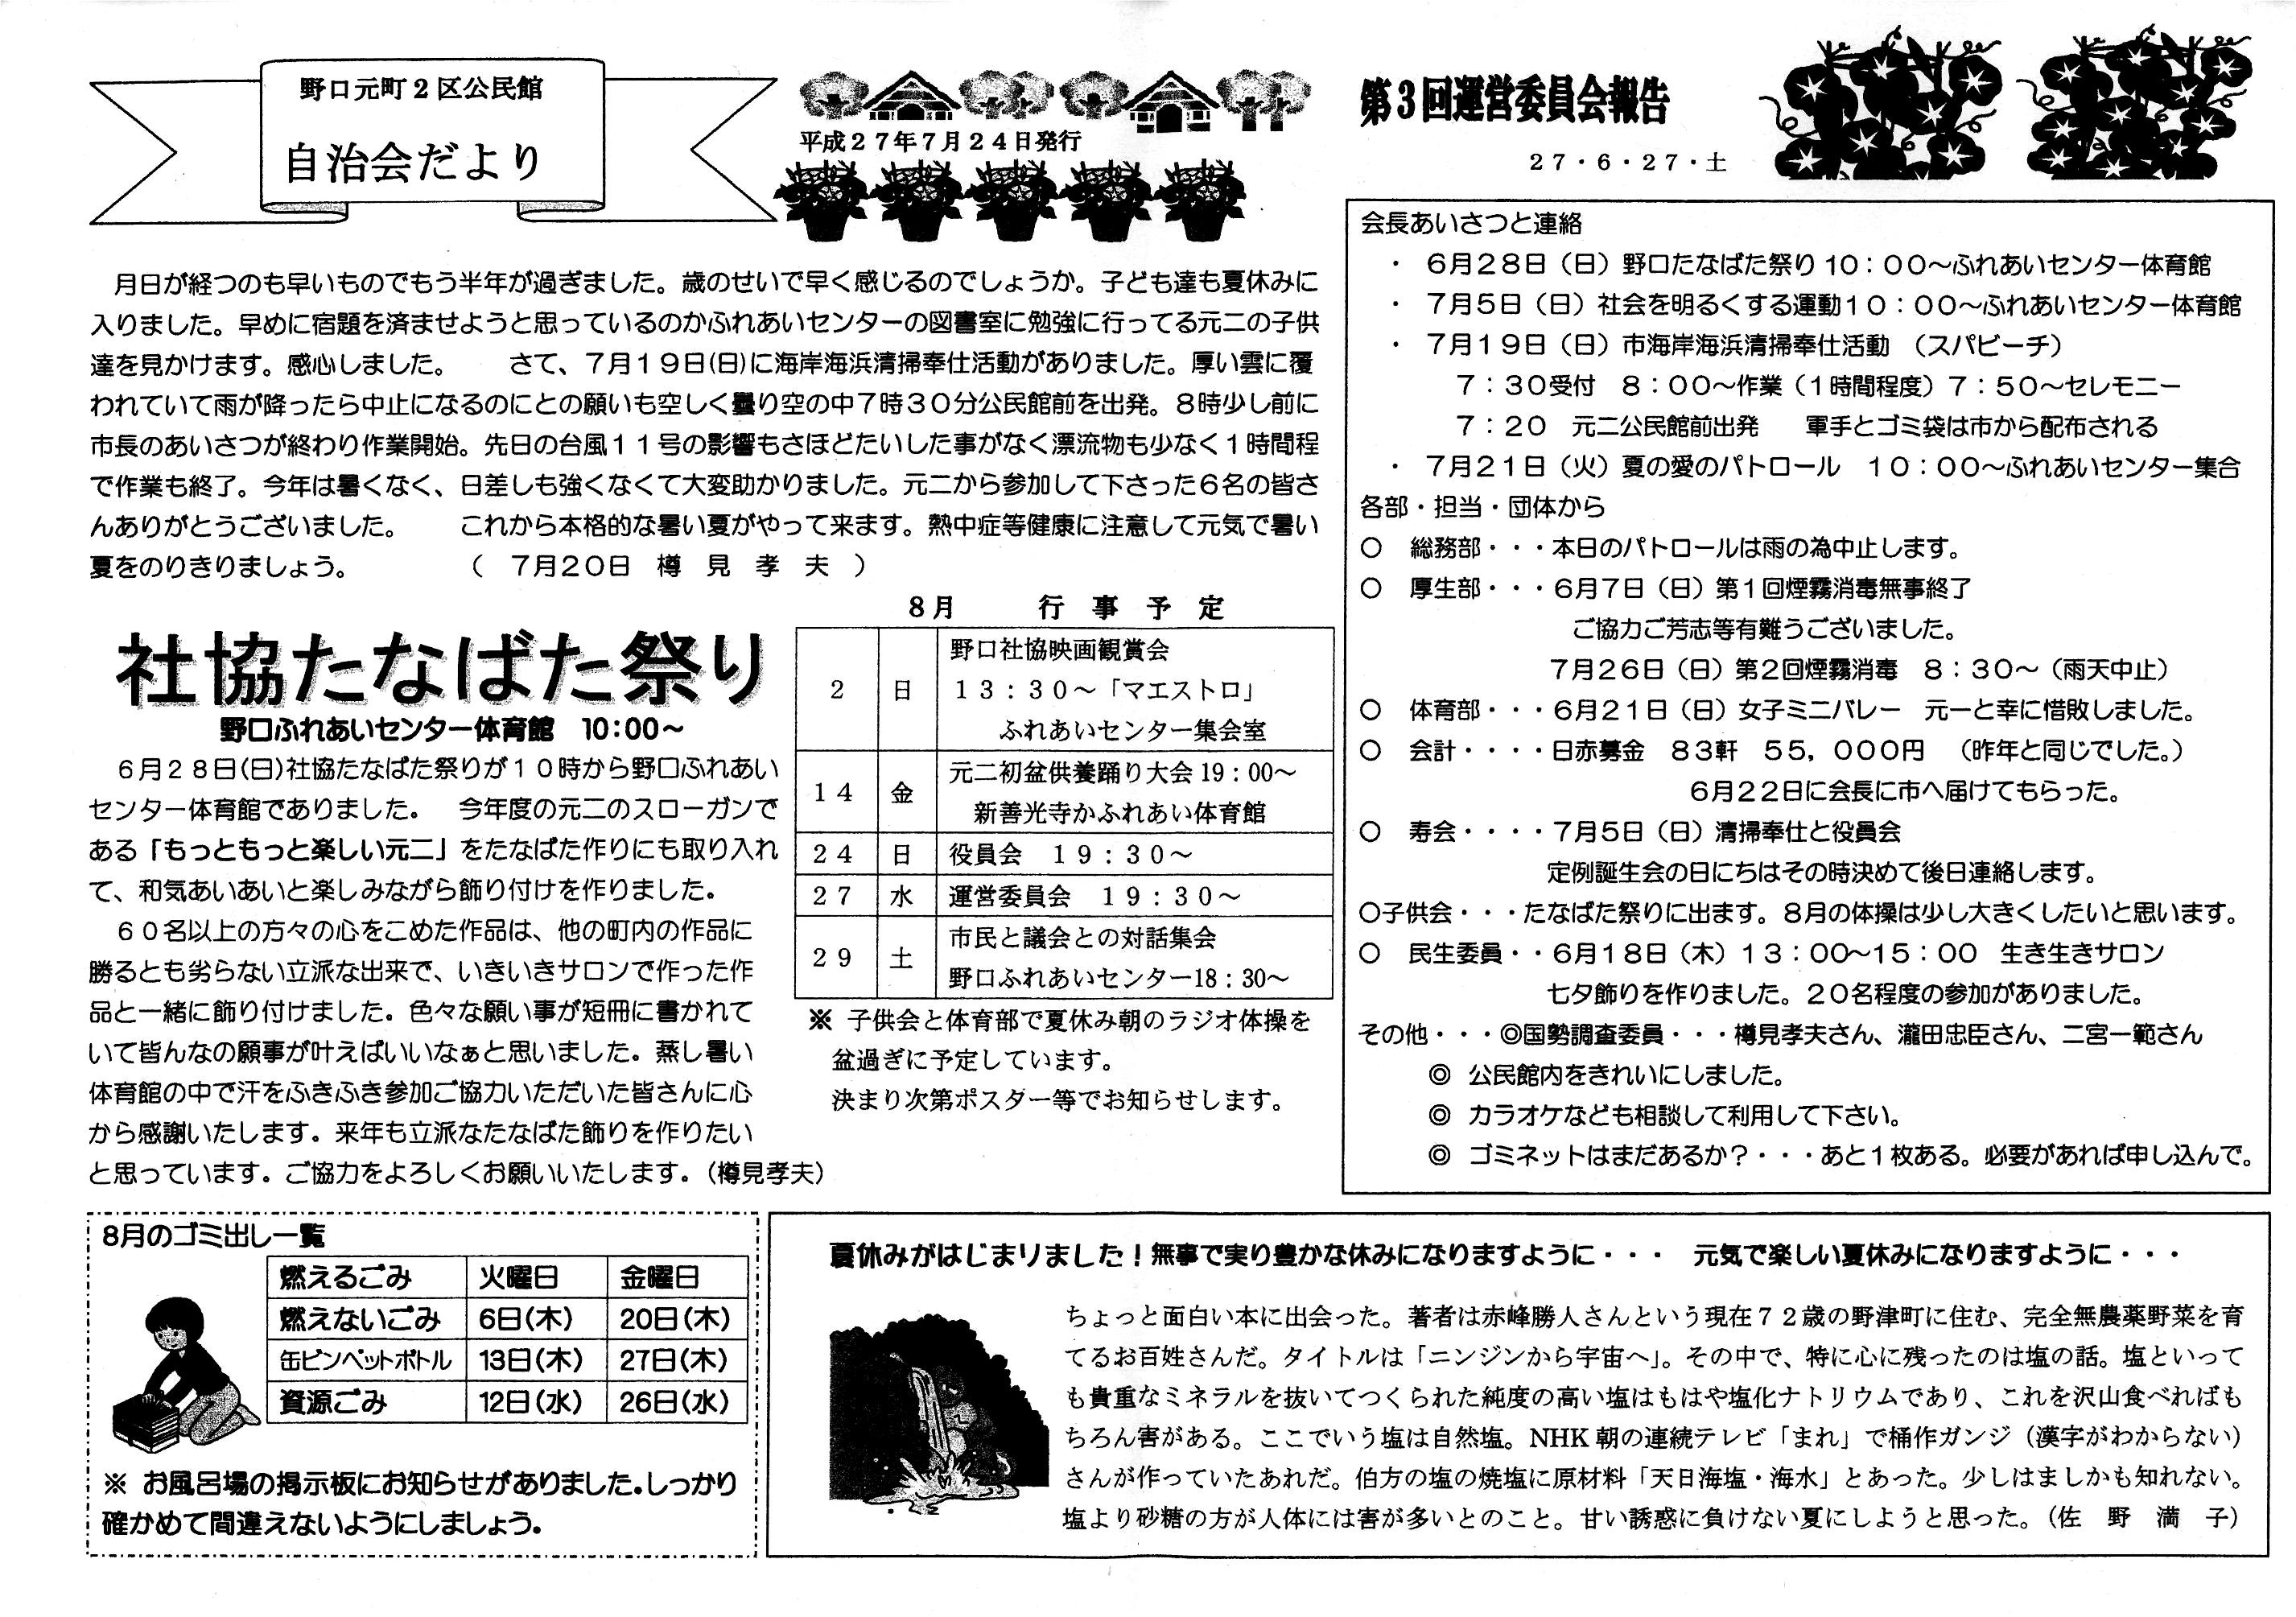 野口元町二区公民館自治会だより平成27年7月24日発行